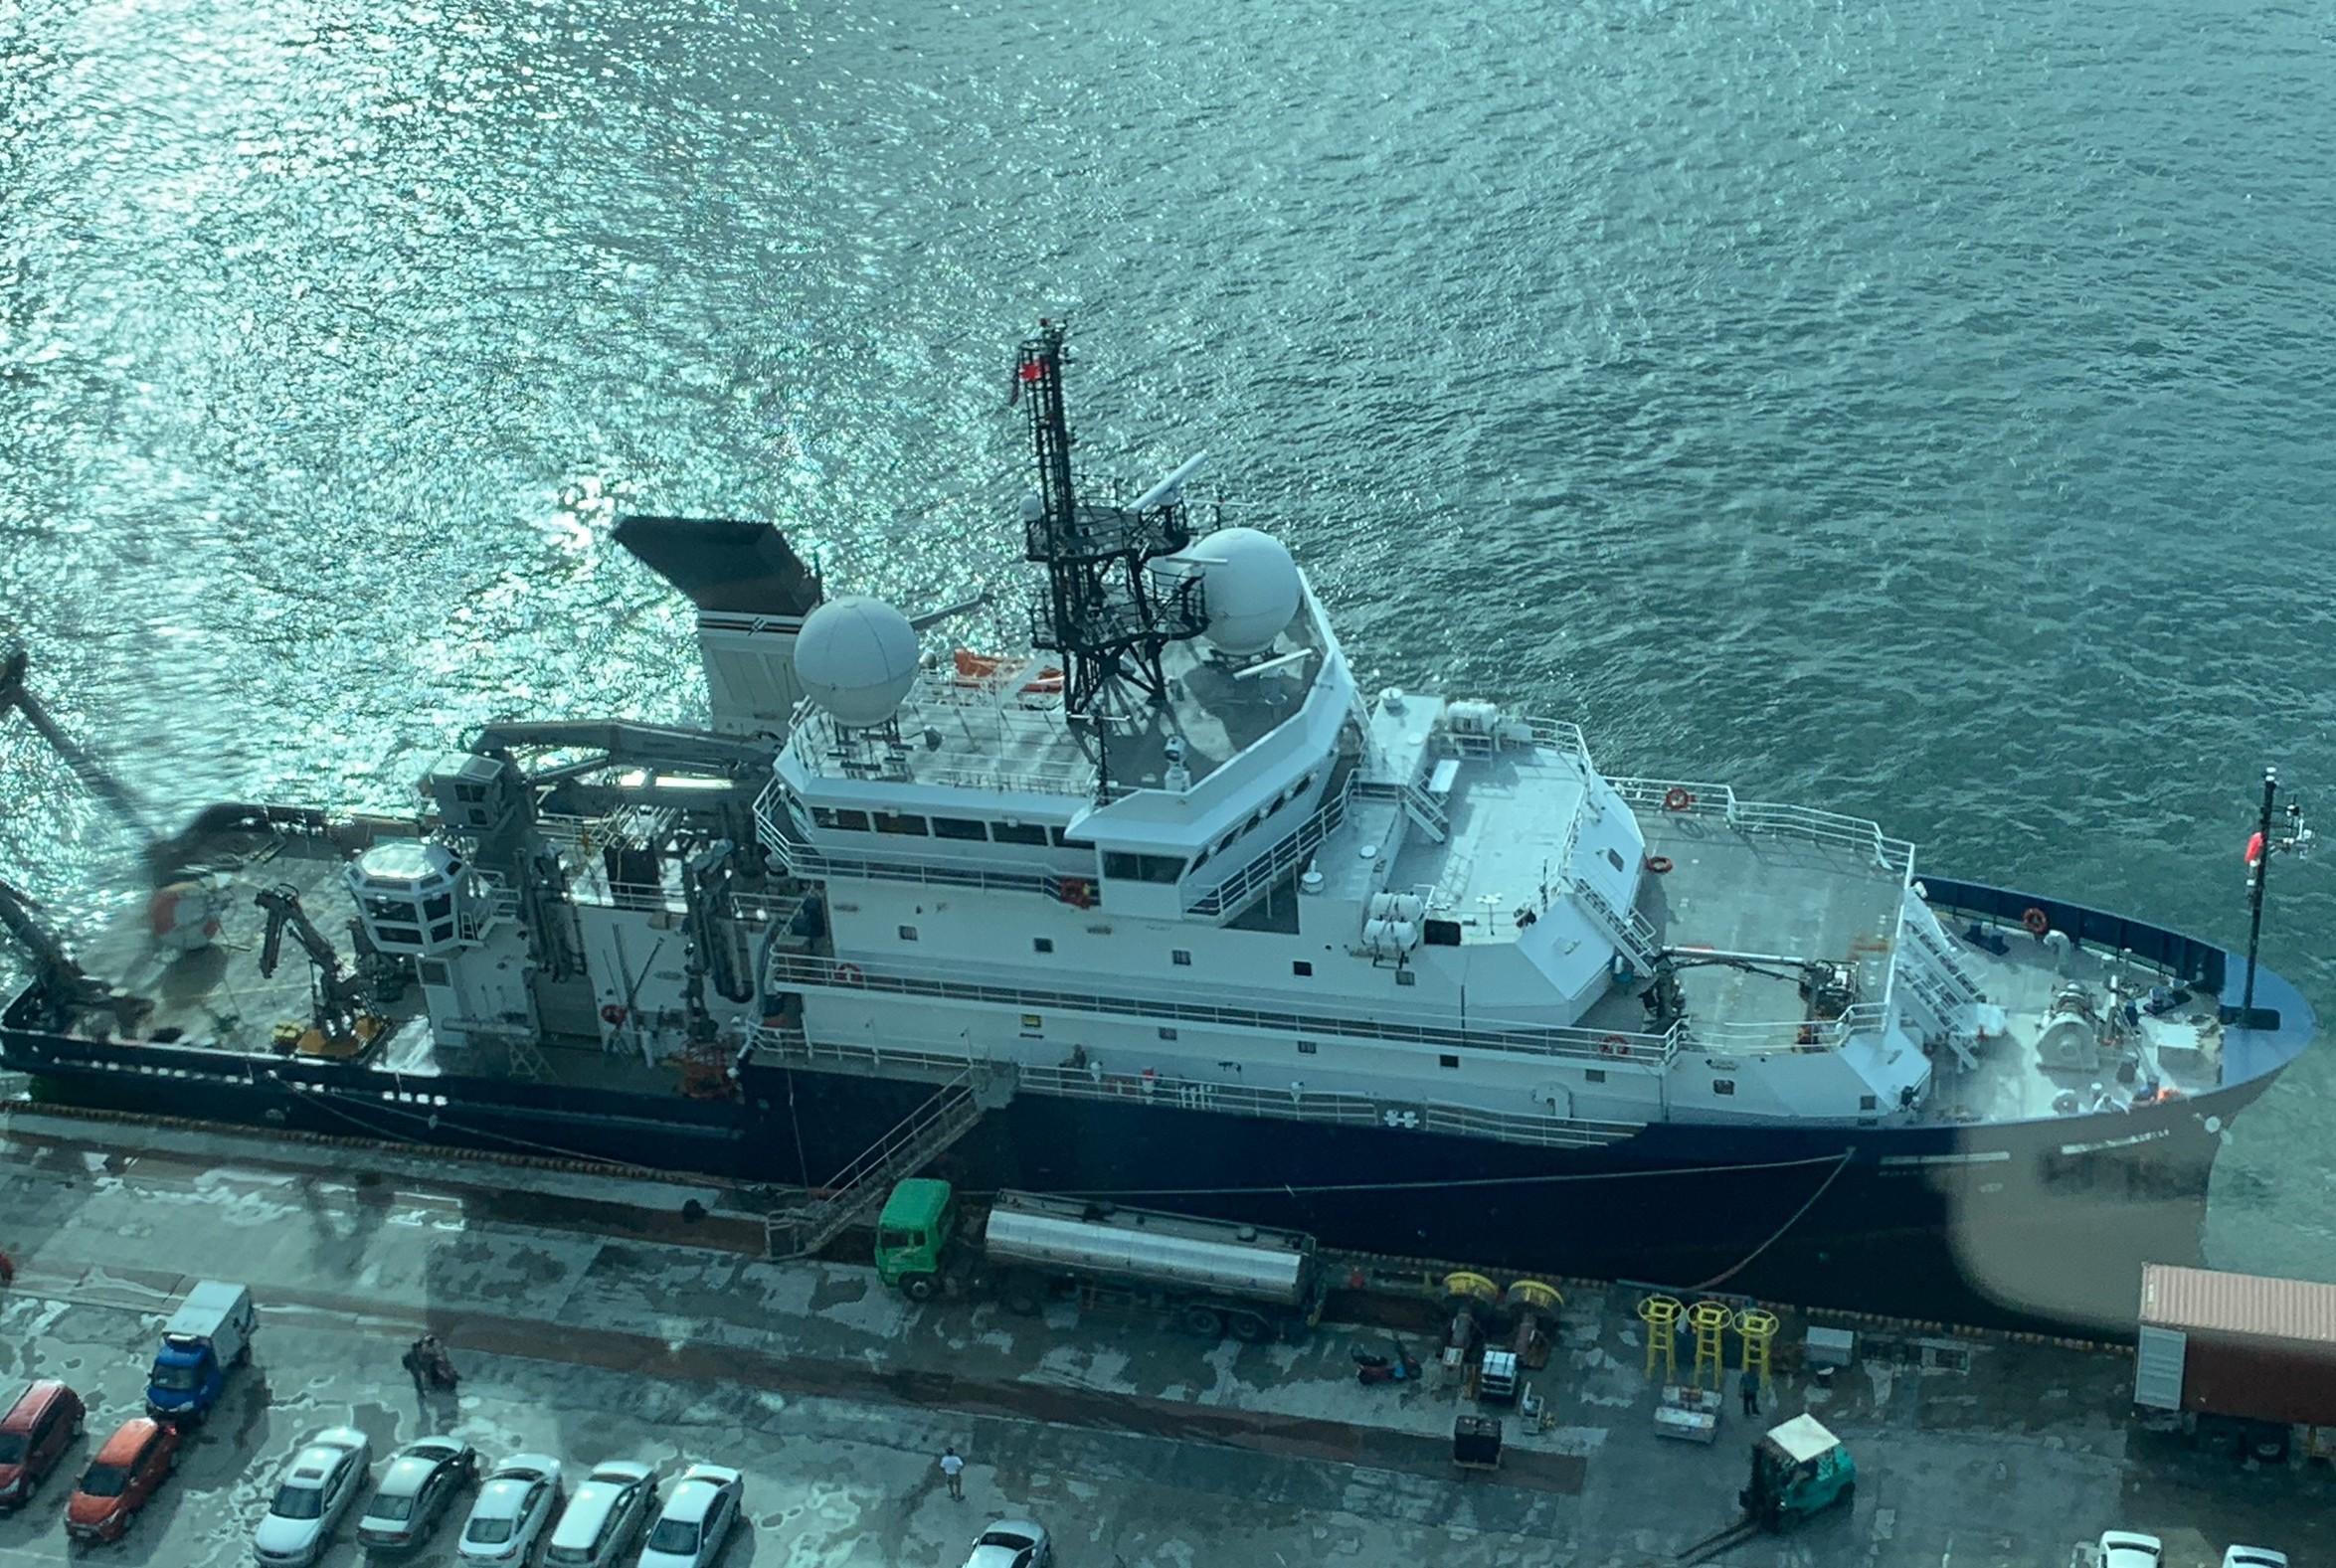 """美国海军科学研究船""""莎莉莱德号""""停靠台湾基隆港。(林姓民众提供)"""